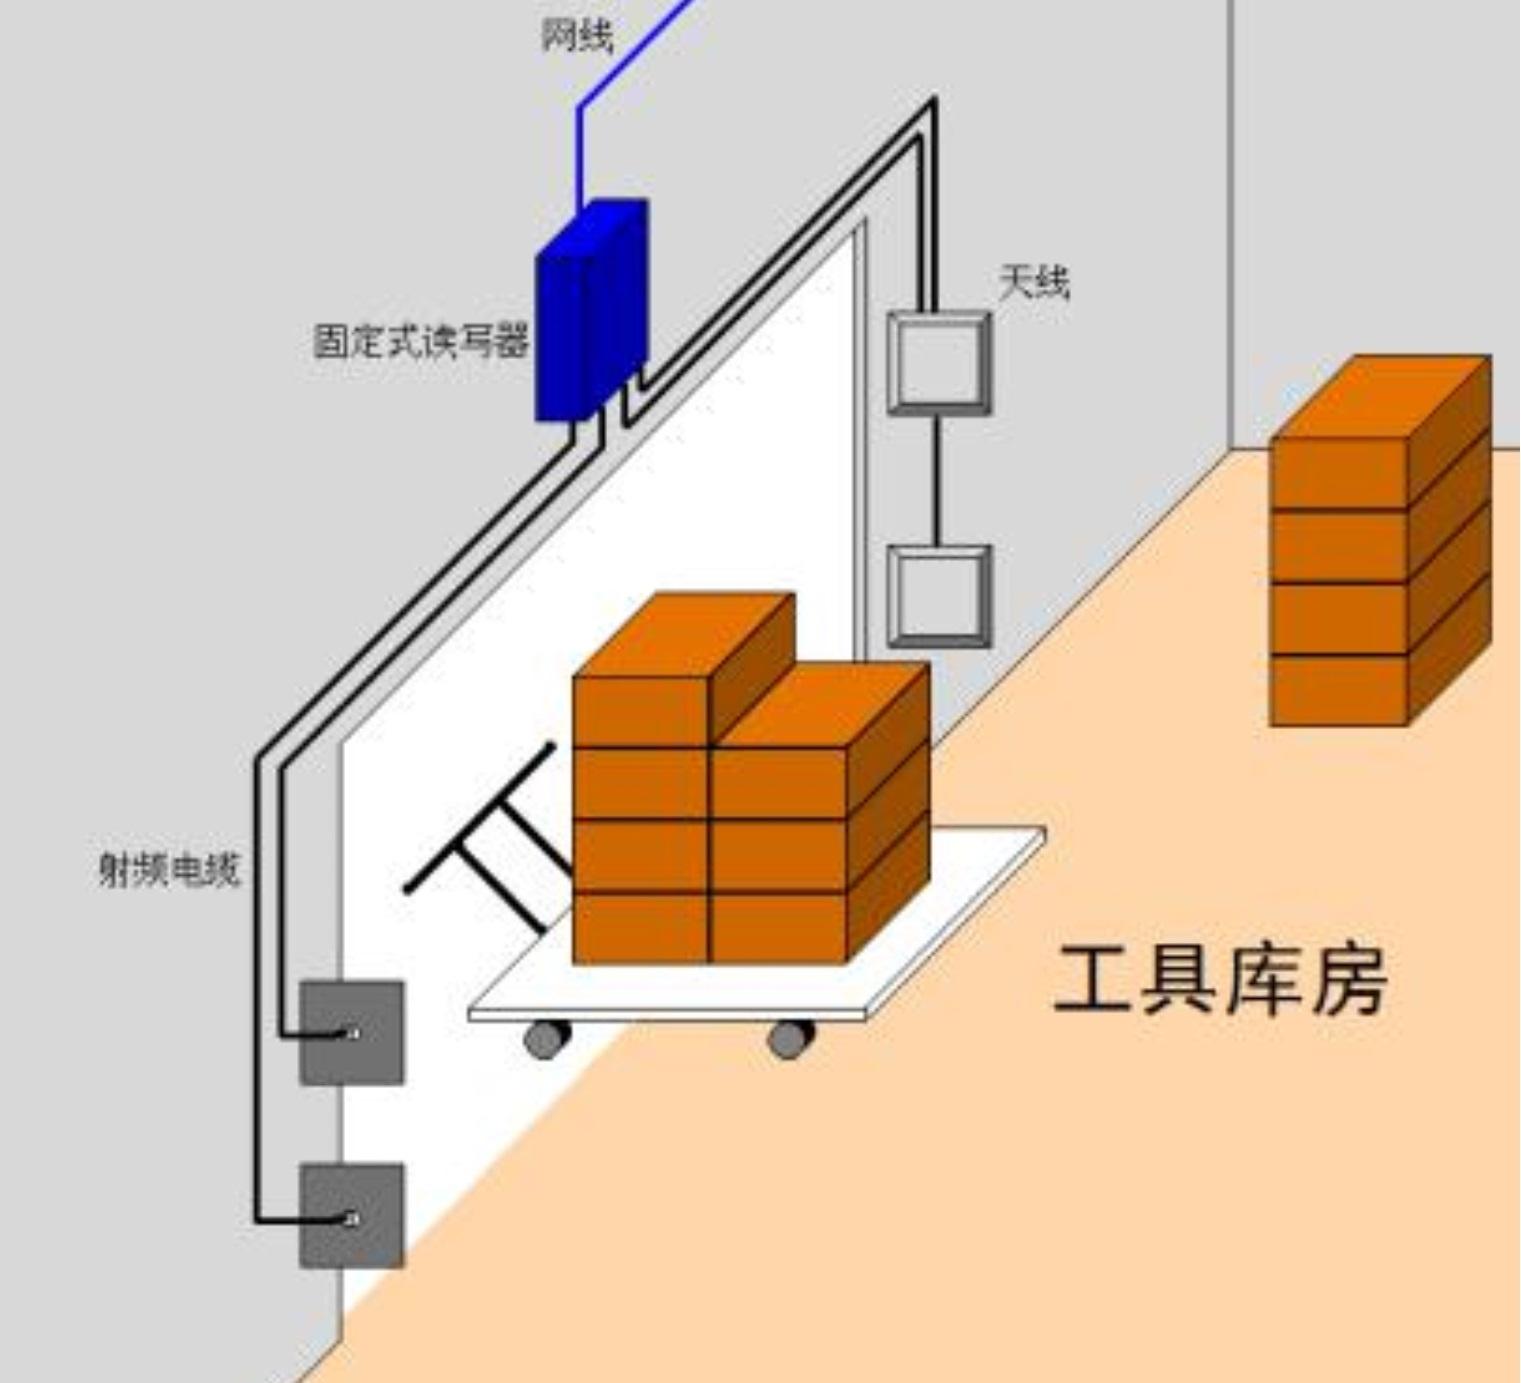 RFID固定式读写器,天线,RFID电子标签,工具仓库信息统计